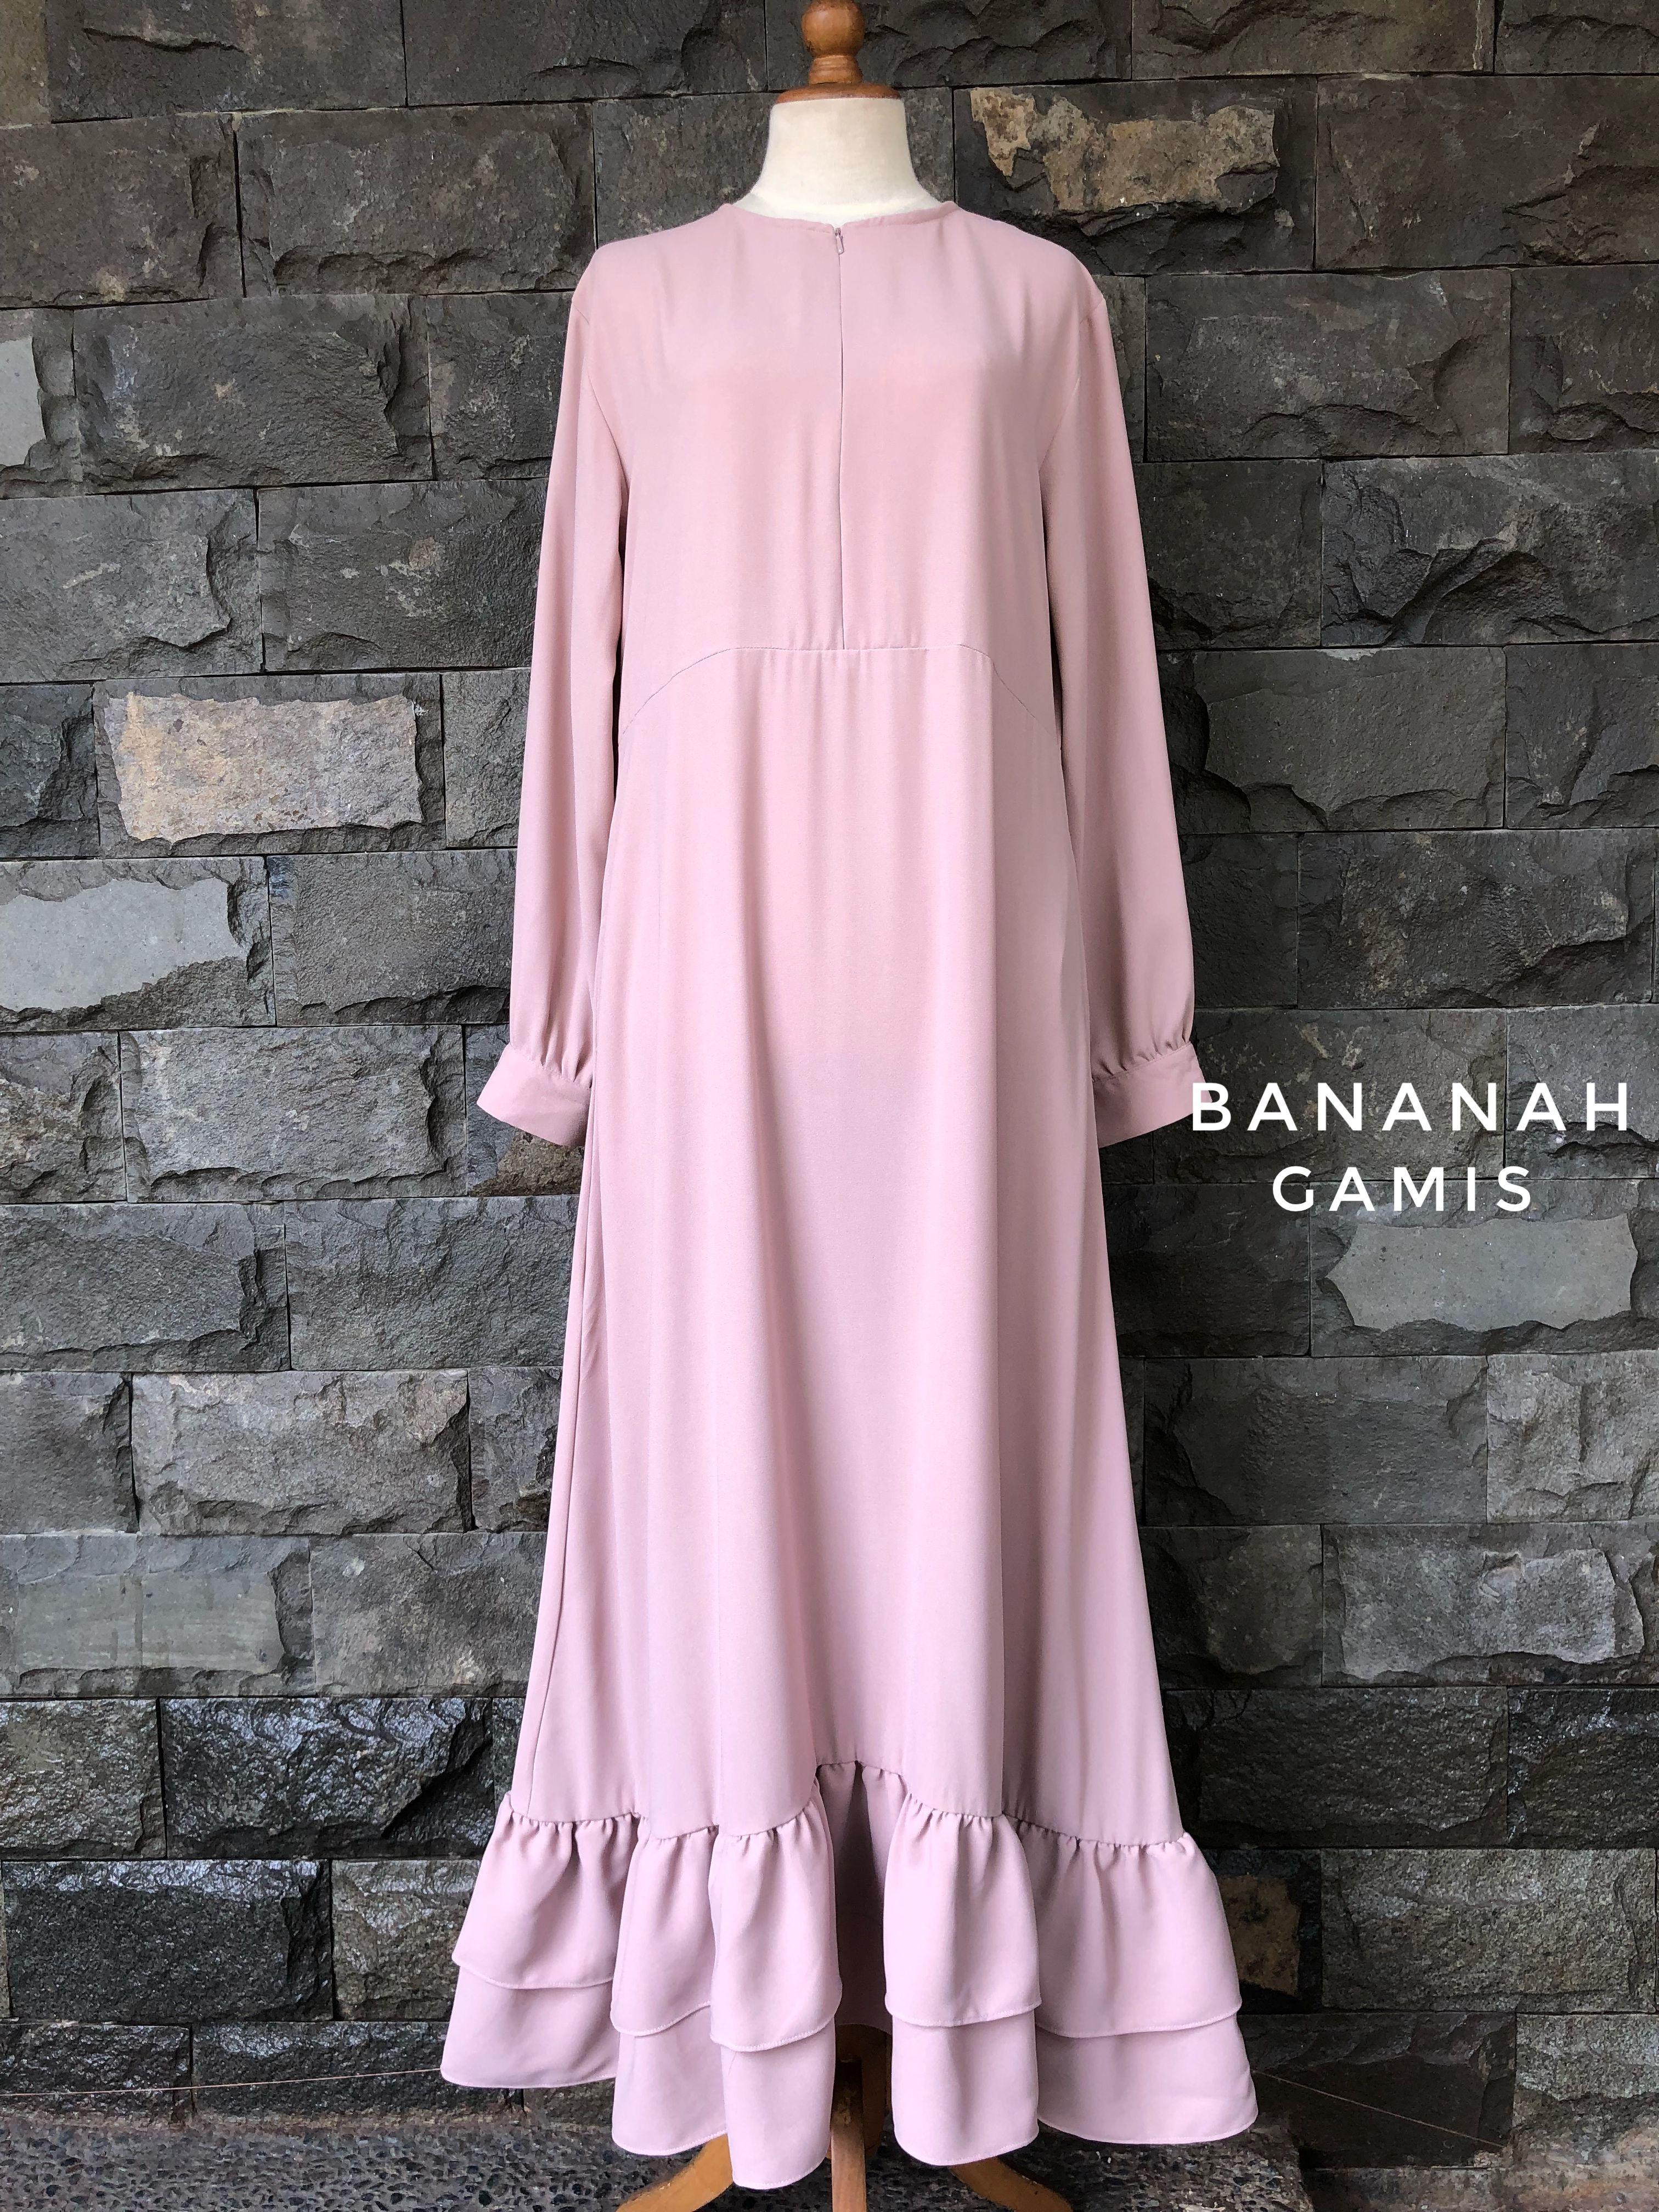 bananah gamis  Model pakaian muslim, Model pakaian hijab, Pakaian